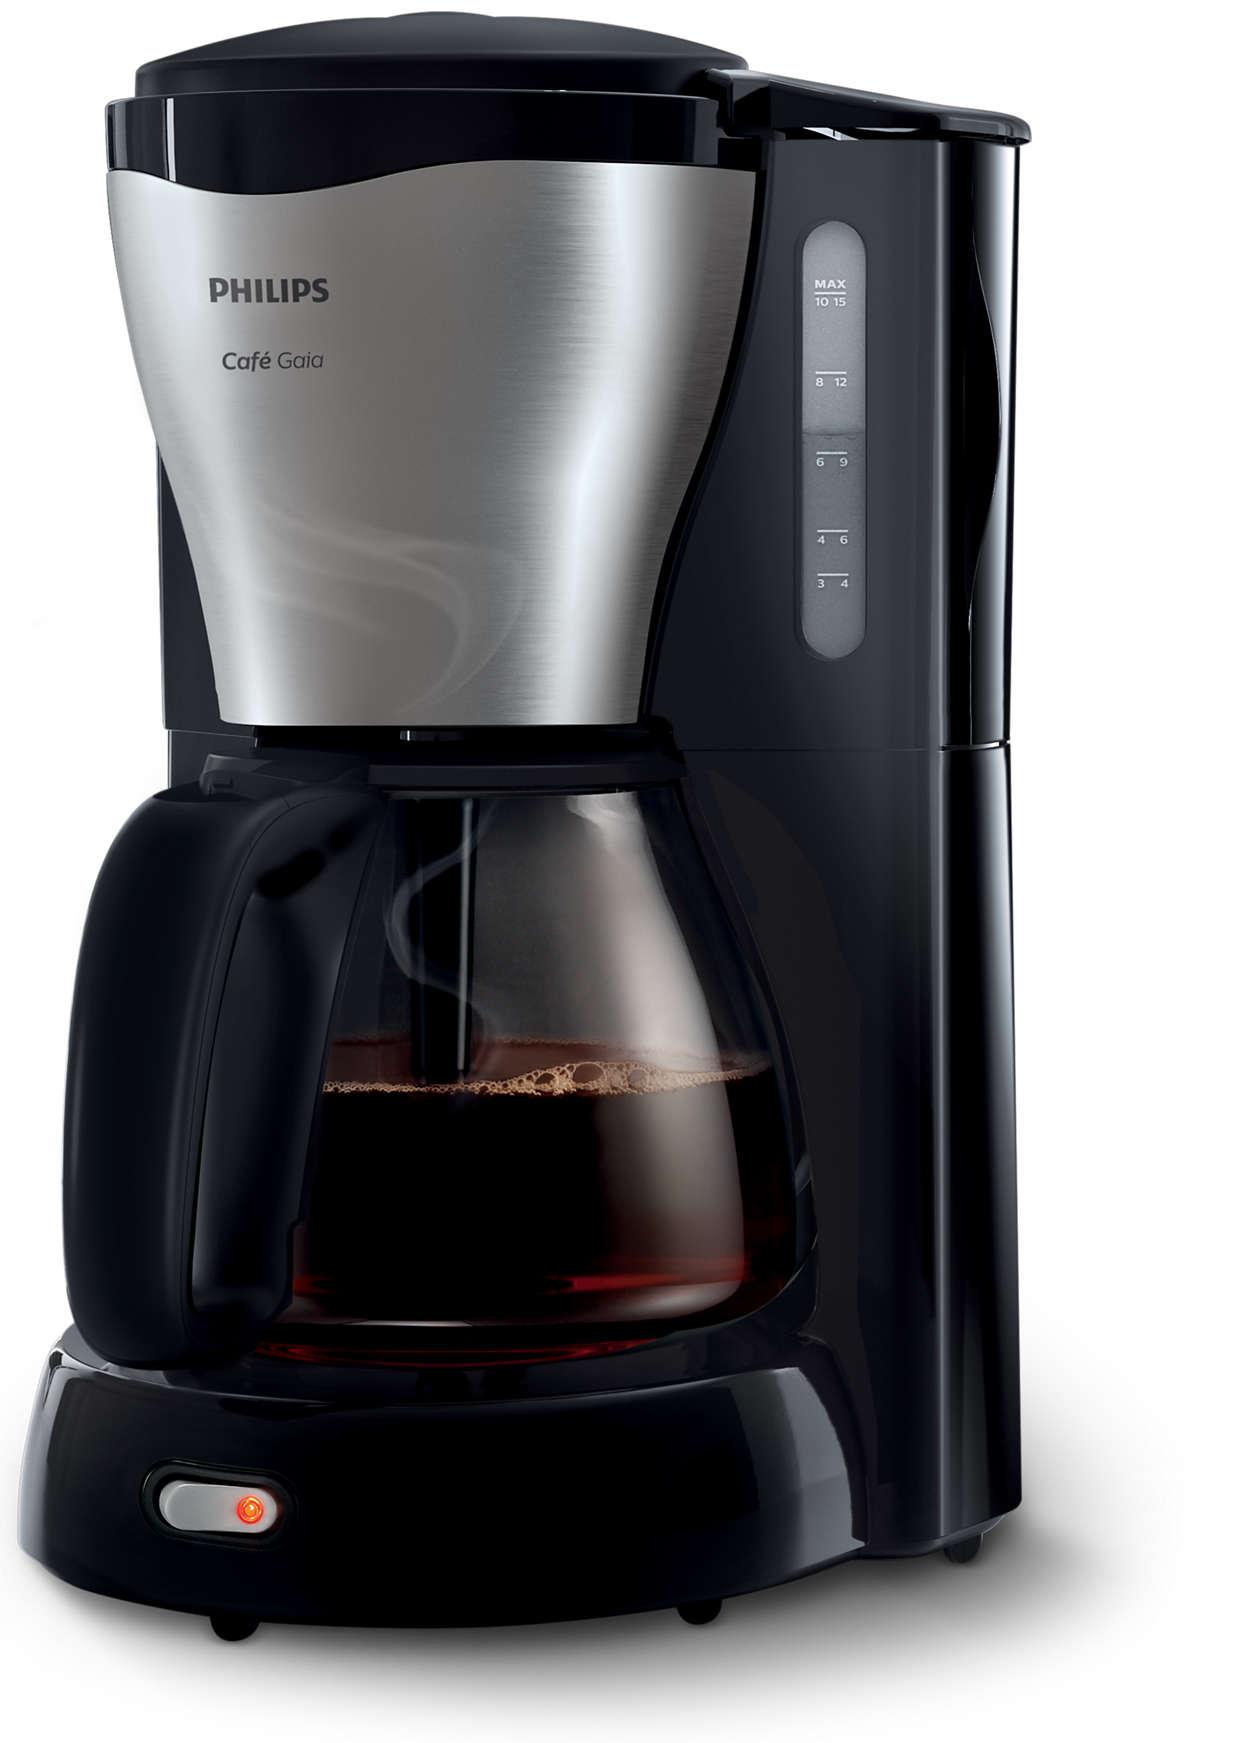 Fantastisk kaffe til sidste dråbe